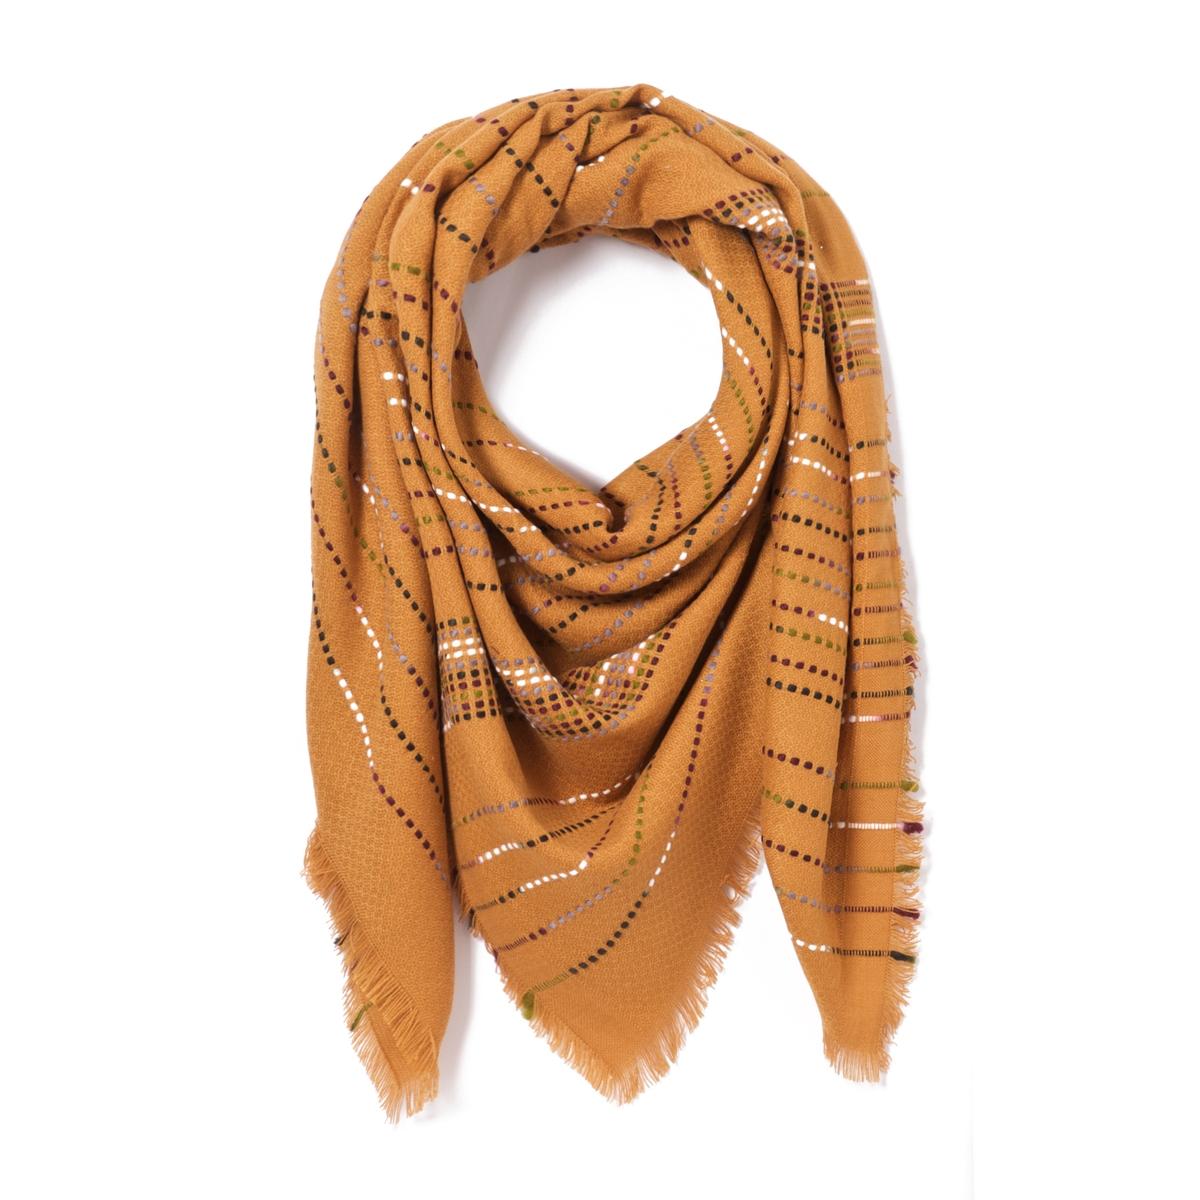 Шарф с разноцветной прострочкойОписание:Женственный шарф с блестящими деталями украсит Ваш гардероб и придаст изысканности. Состав и описание : Материал : 100% акрилРазмеры : 160 X 160 смУход: : Следуйте рекомендациям, указанным на этикетке изделия.<br><br>Цвет: бордовый,желтый горчичный,синий,черный<br>Размер: единый размер.единый размер.единый размер.единый размер